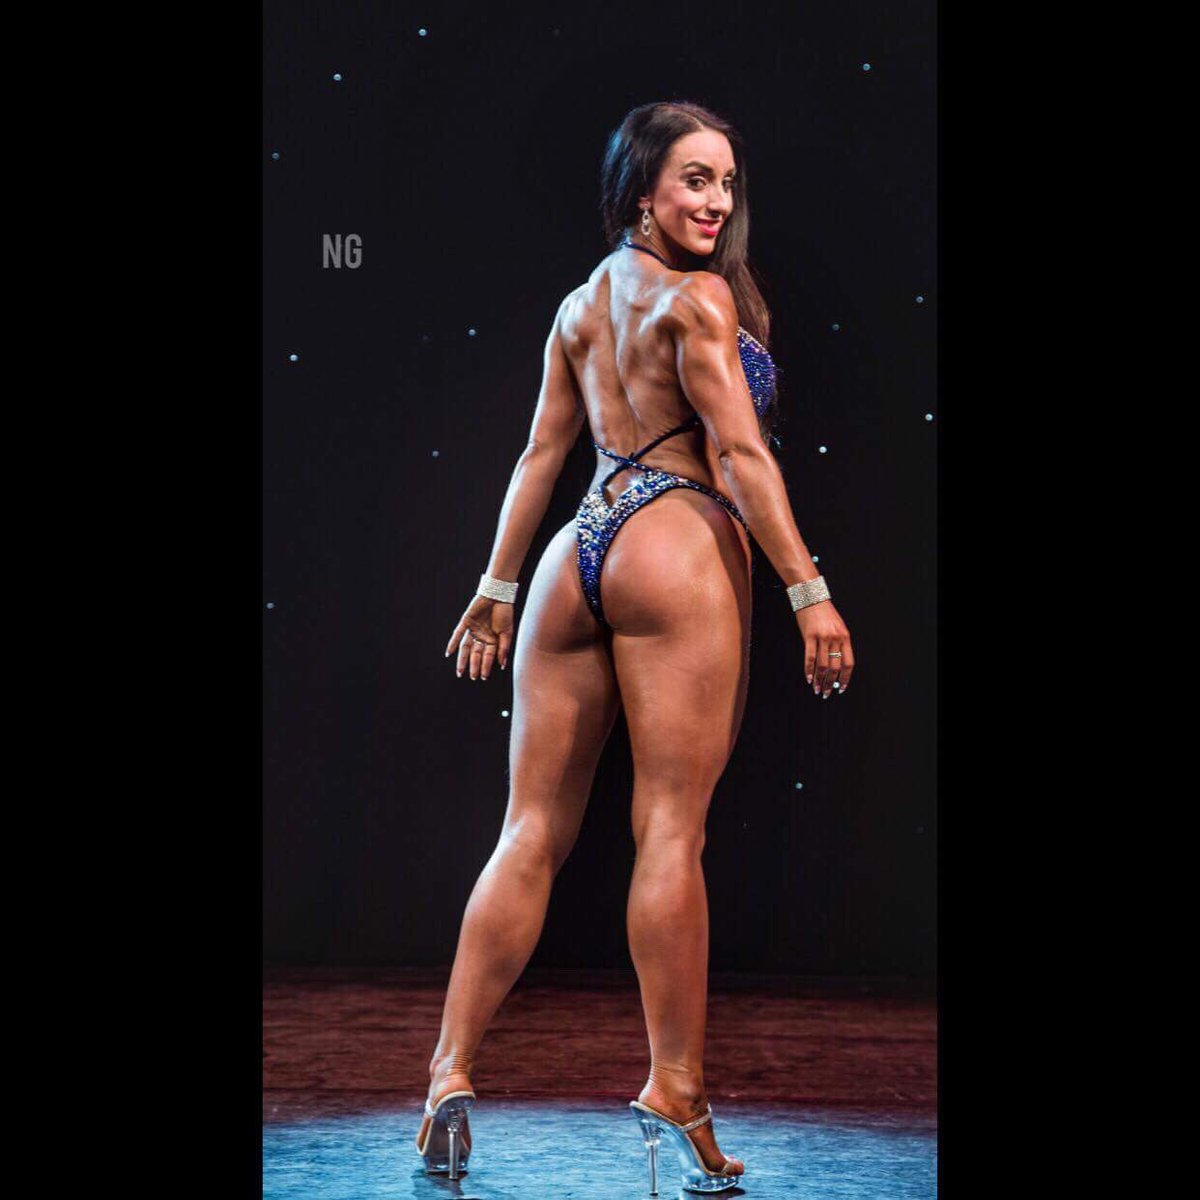 Nikki Antonaccio